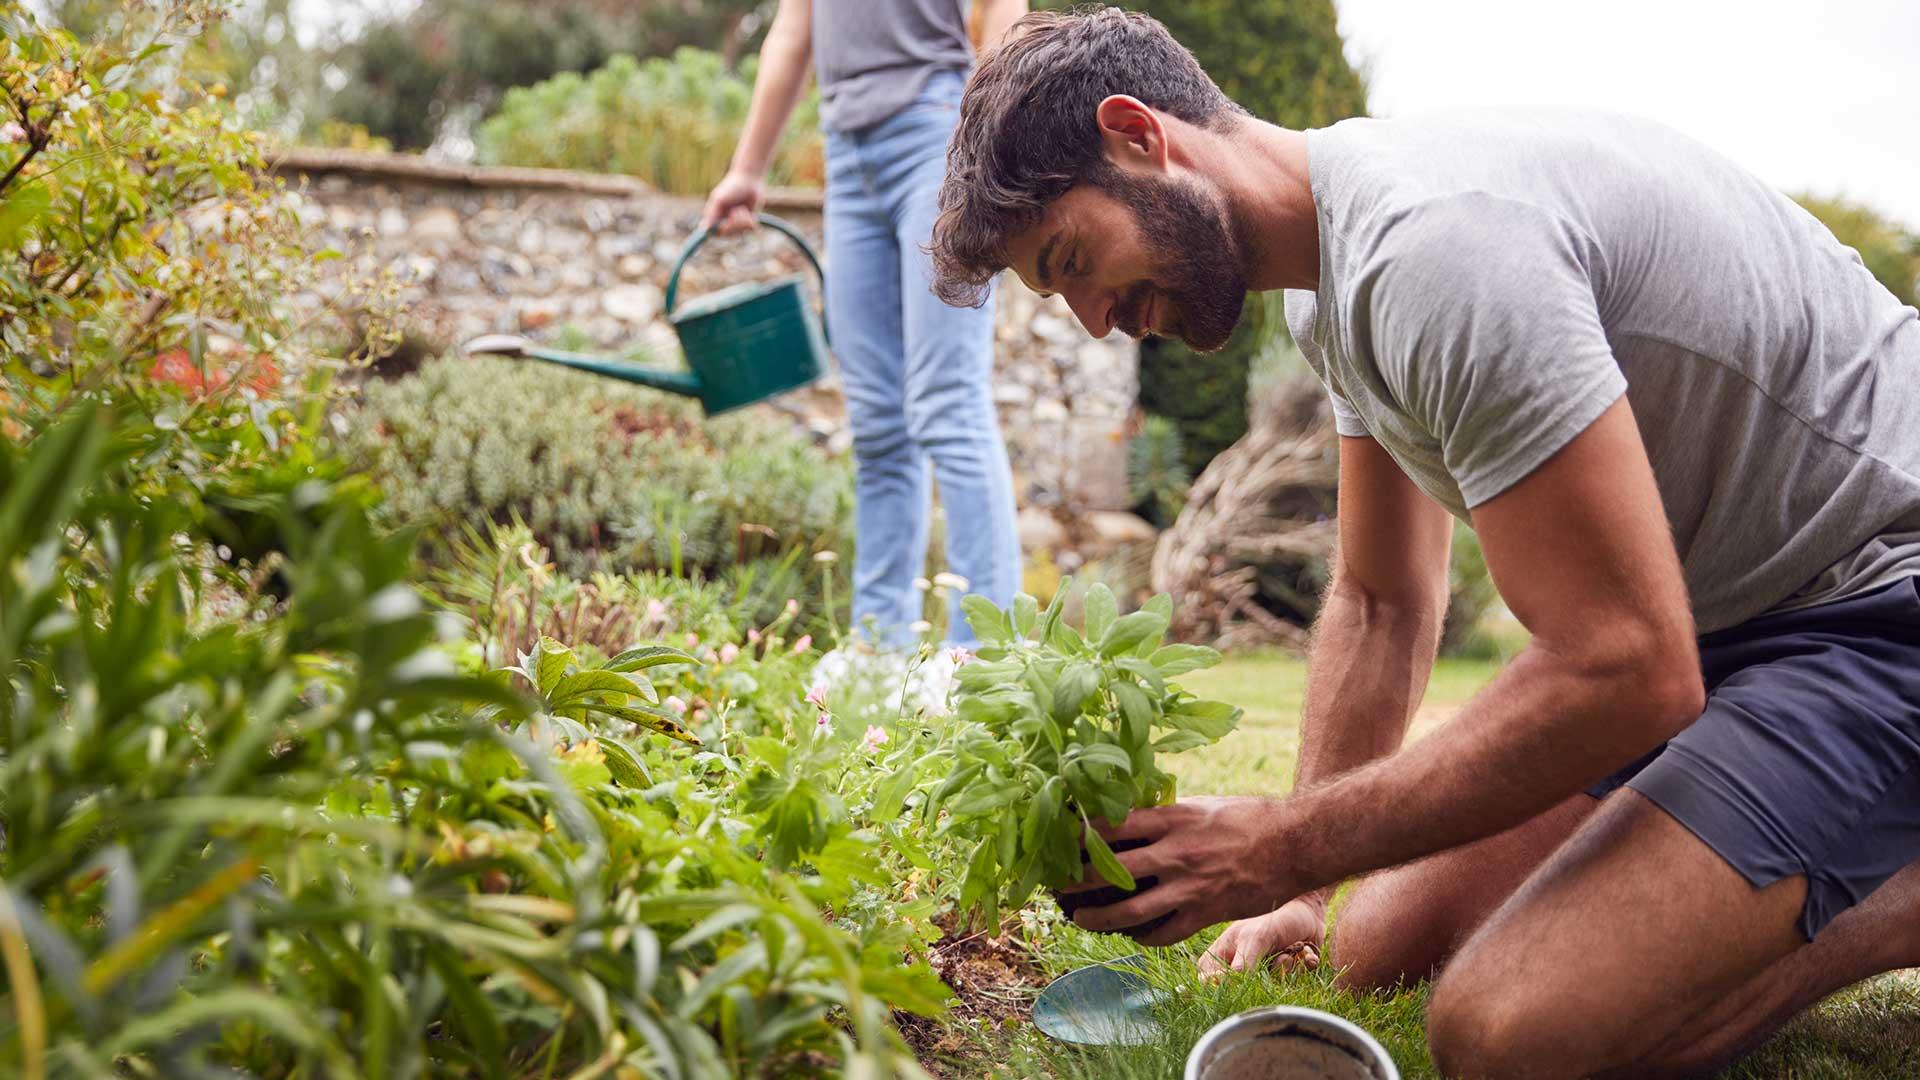 Outdoor - Inspirationen für Balkon und Garten - Gartenarbeit fördert körperliche Fitness und gesunden Geist - so geht's einfach desmondo